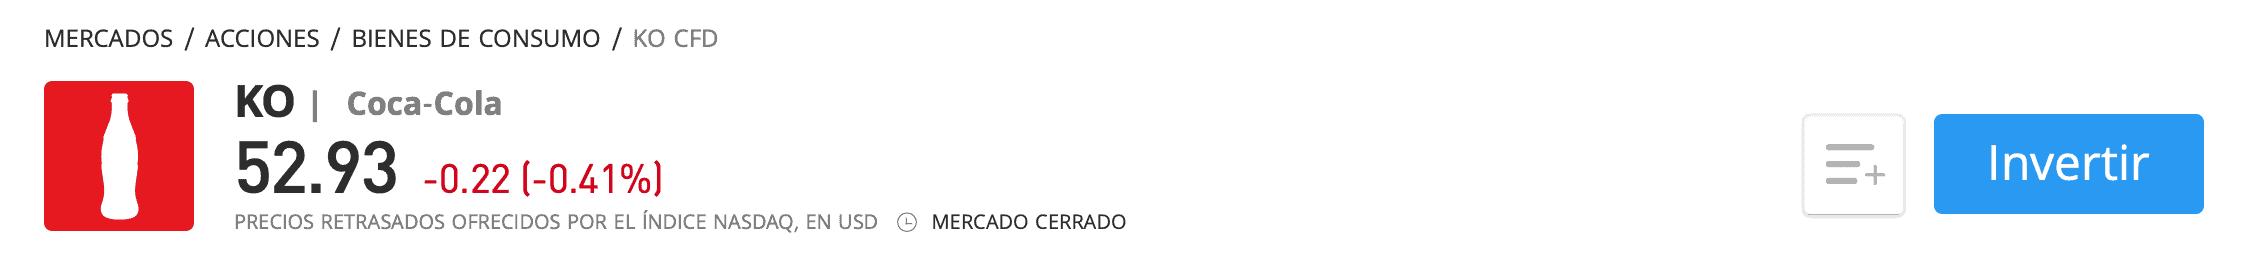 Comprar acciones Coca-Cola eToro